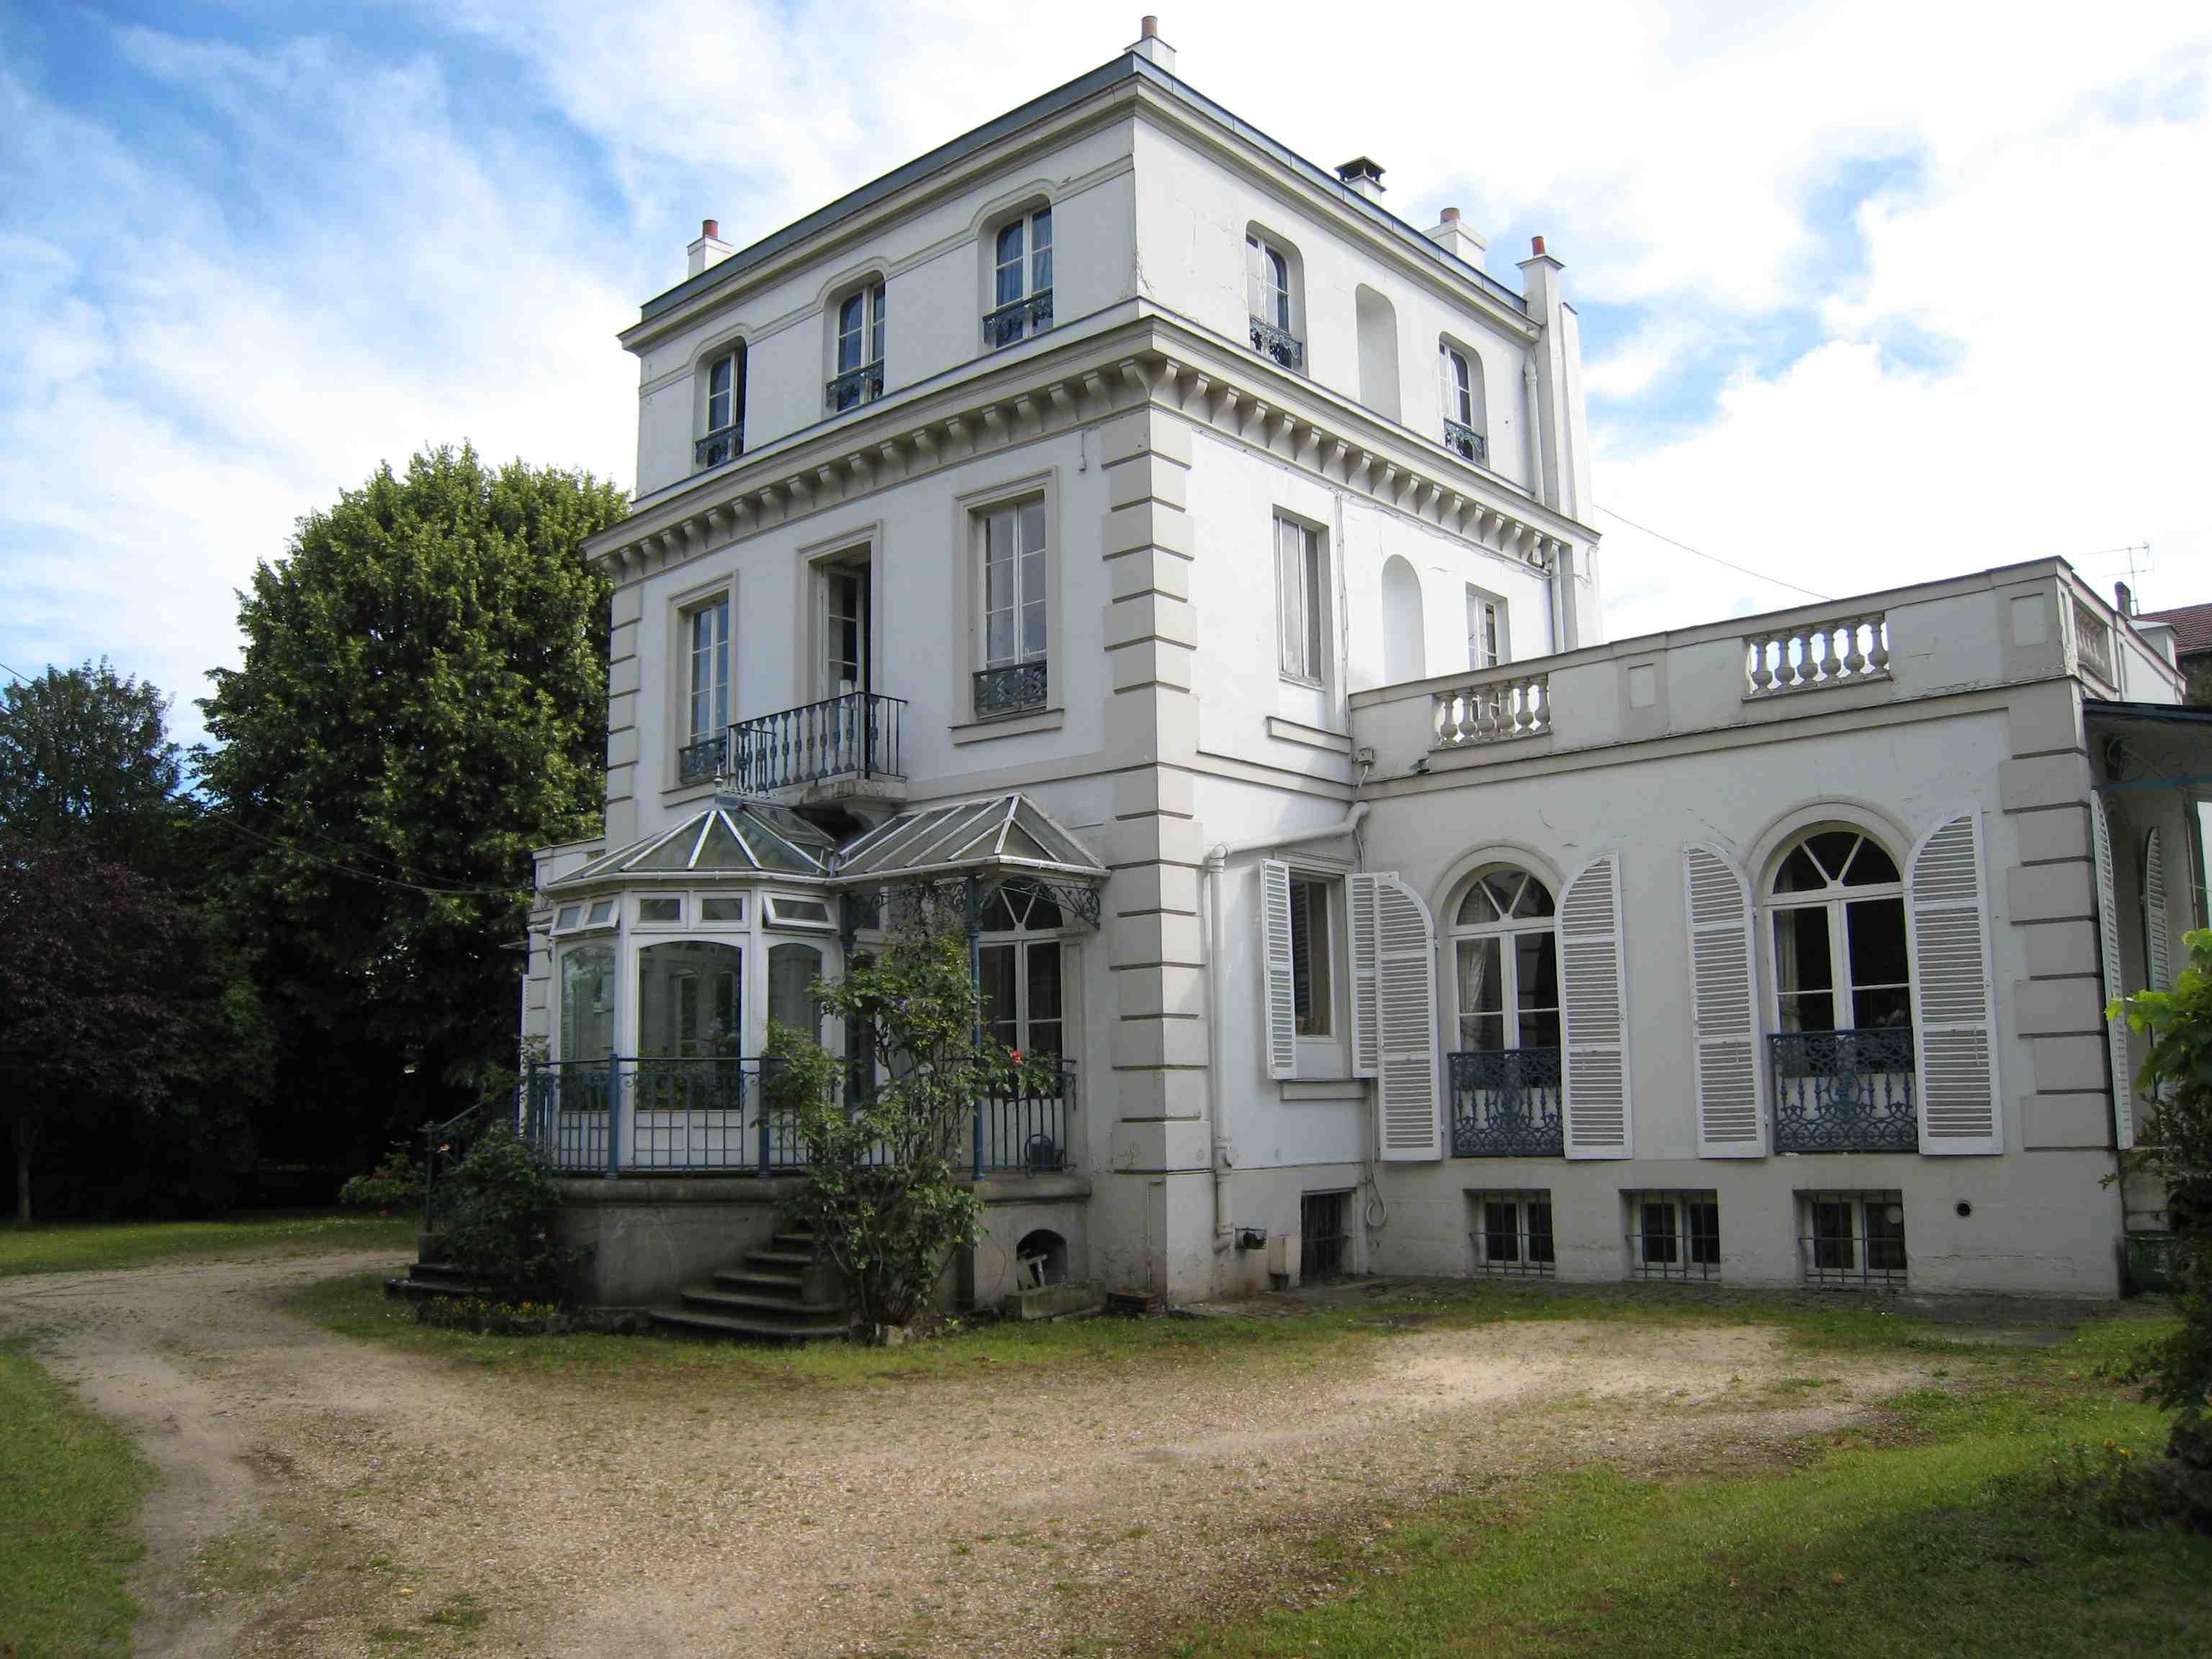 Maison a vendre maisons laffitte yvelines - La plancha maison laffitte ...